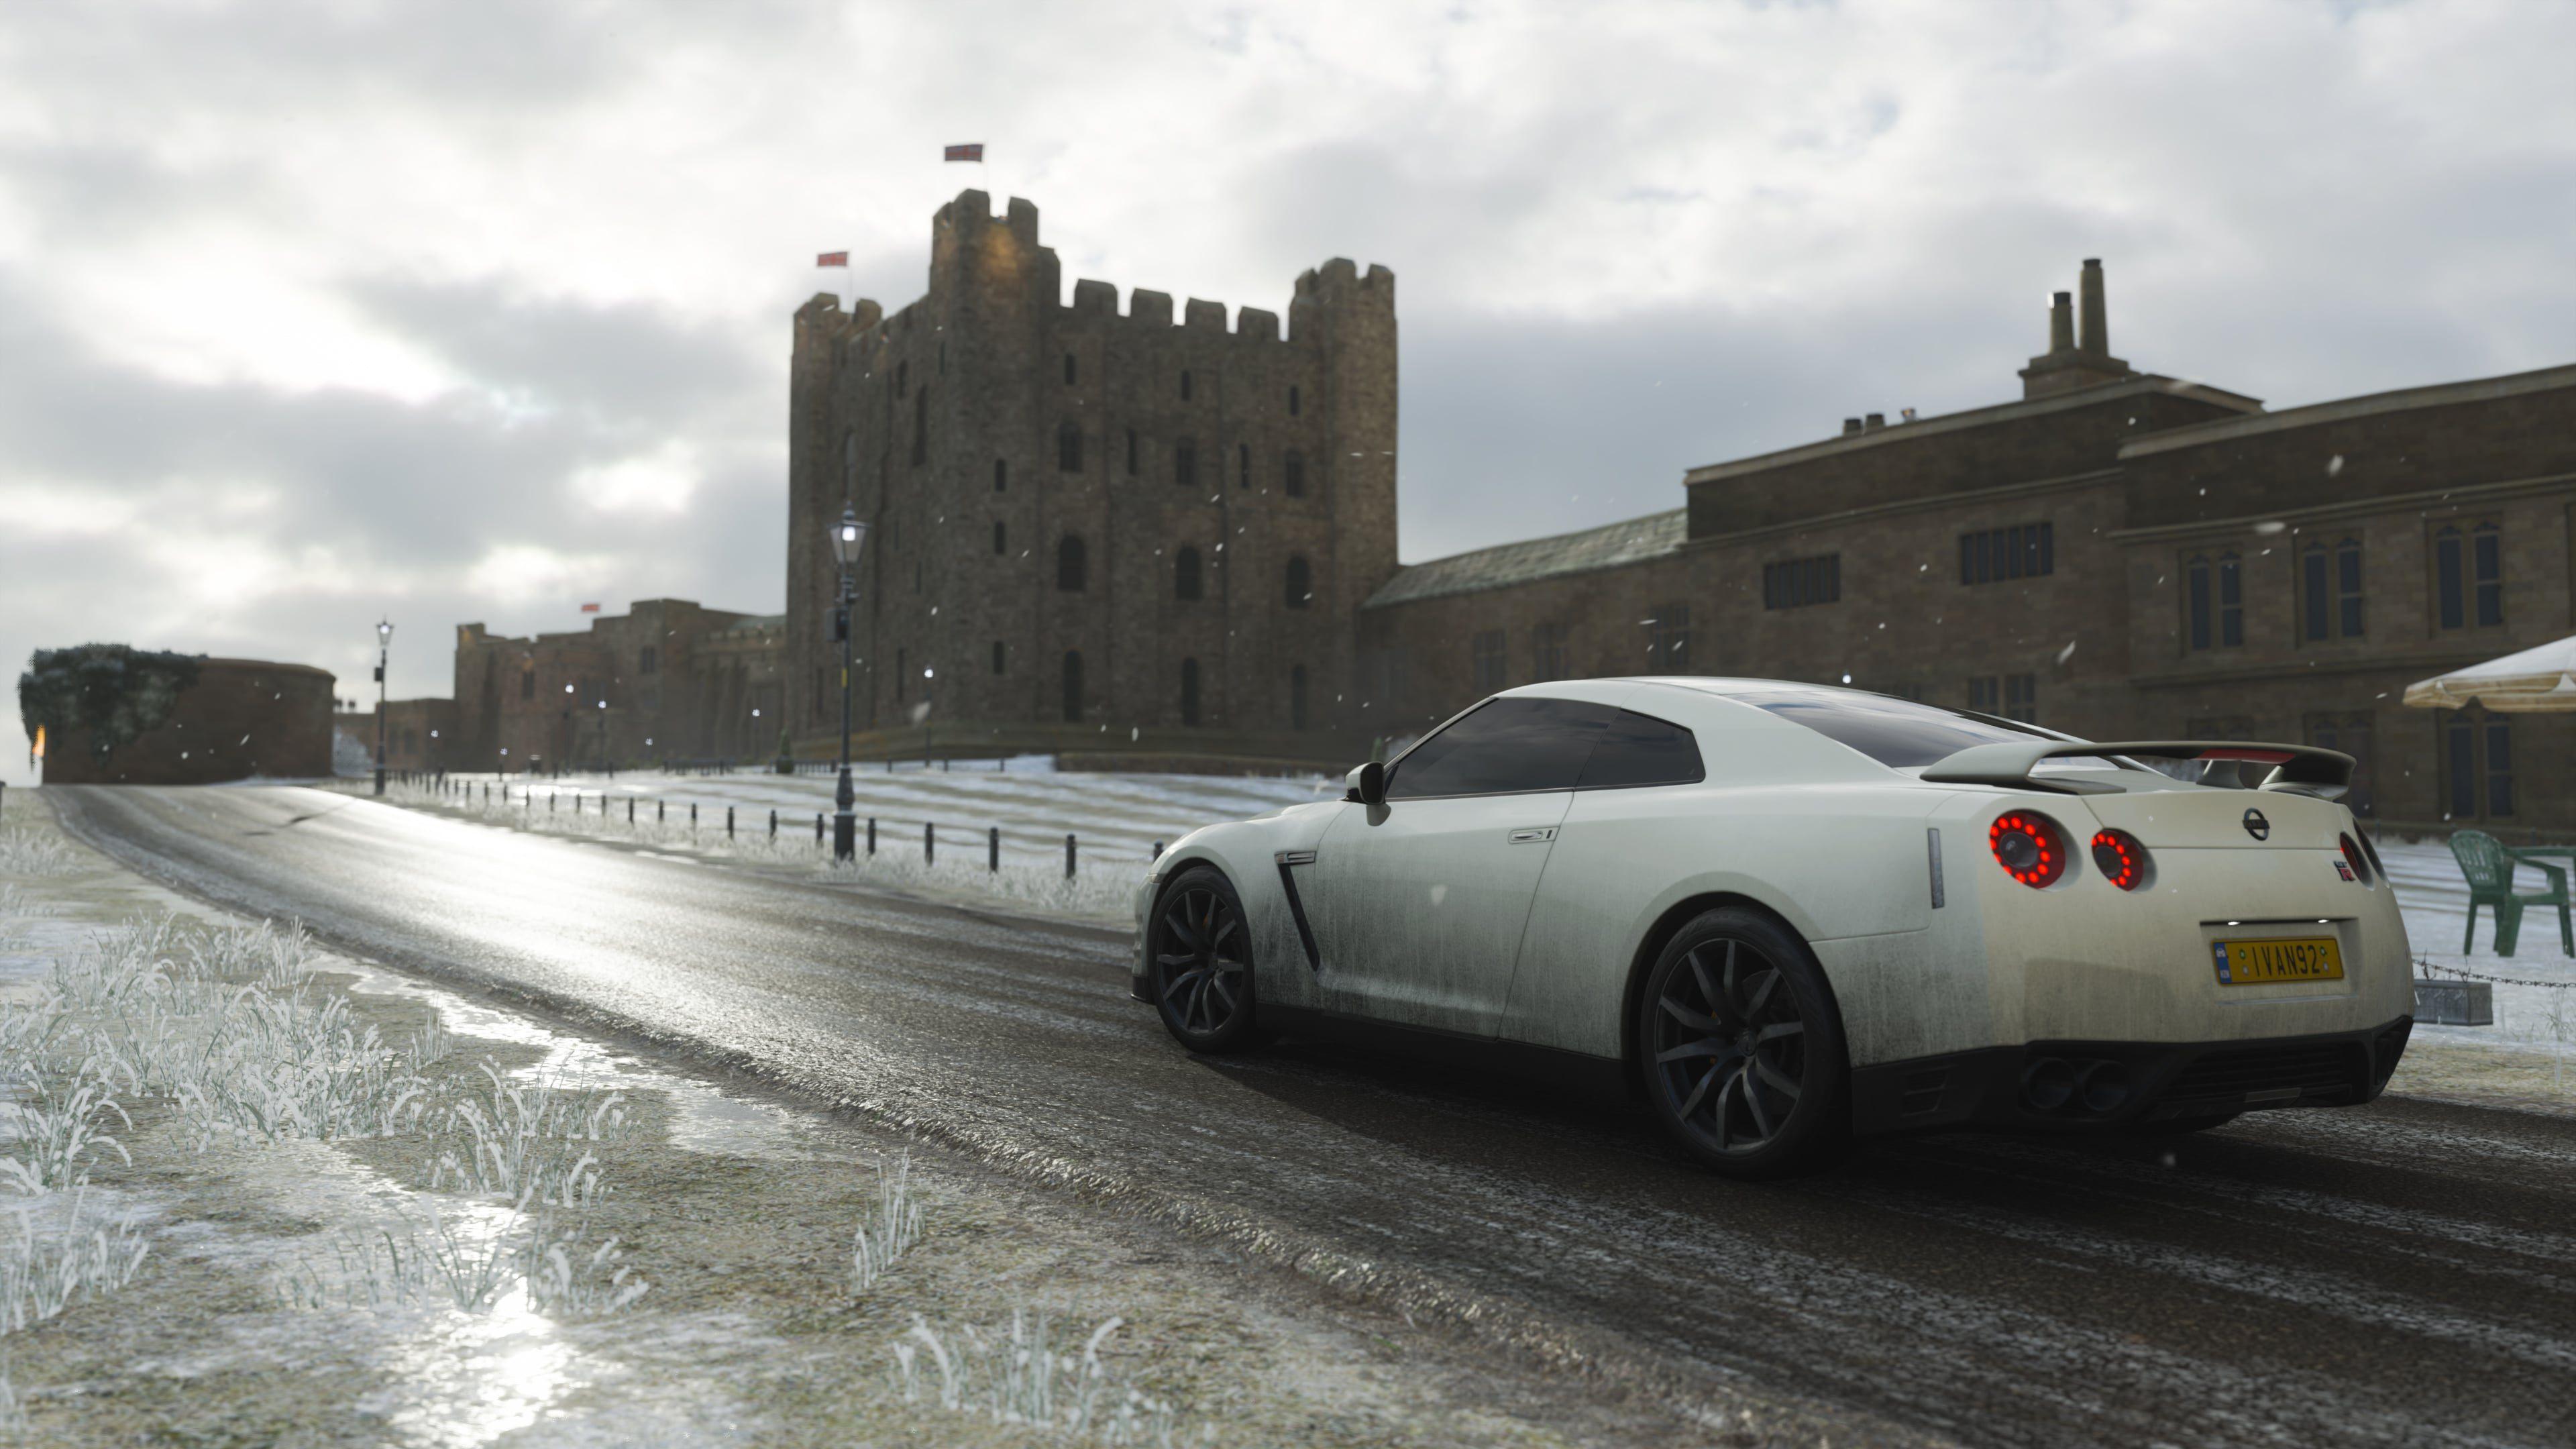 سی دی کی اریجینال بازی Forza Horizon 4